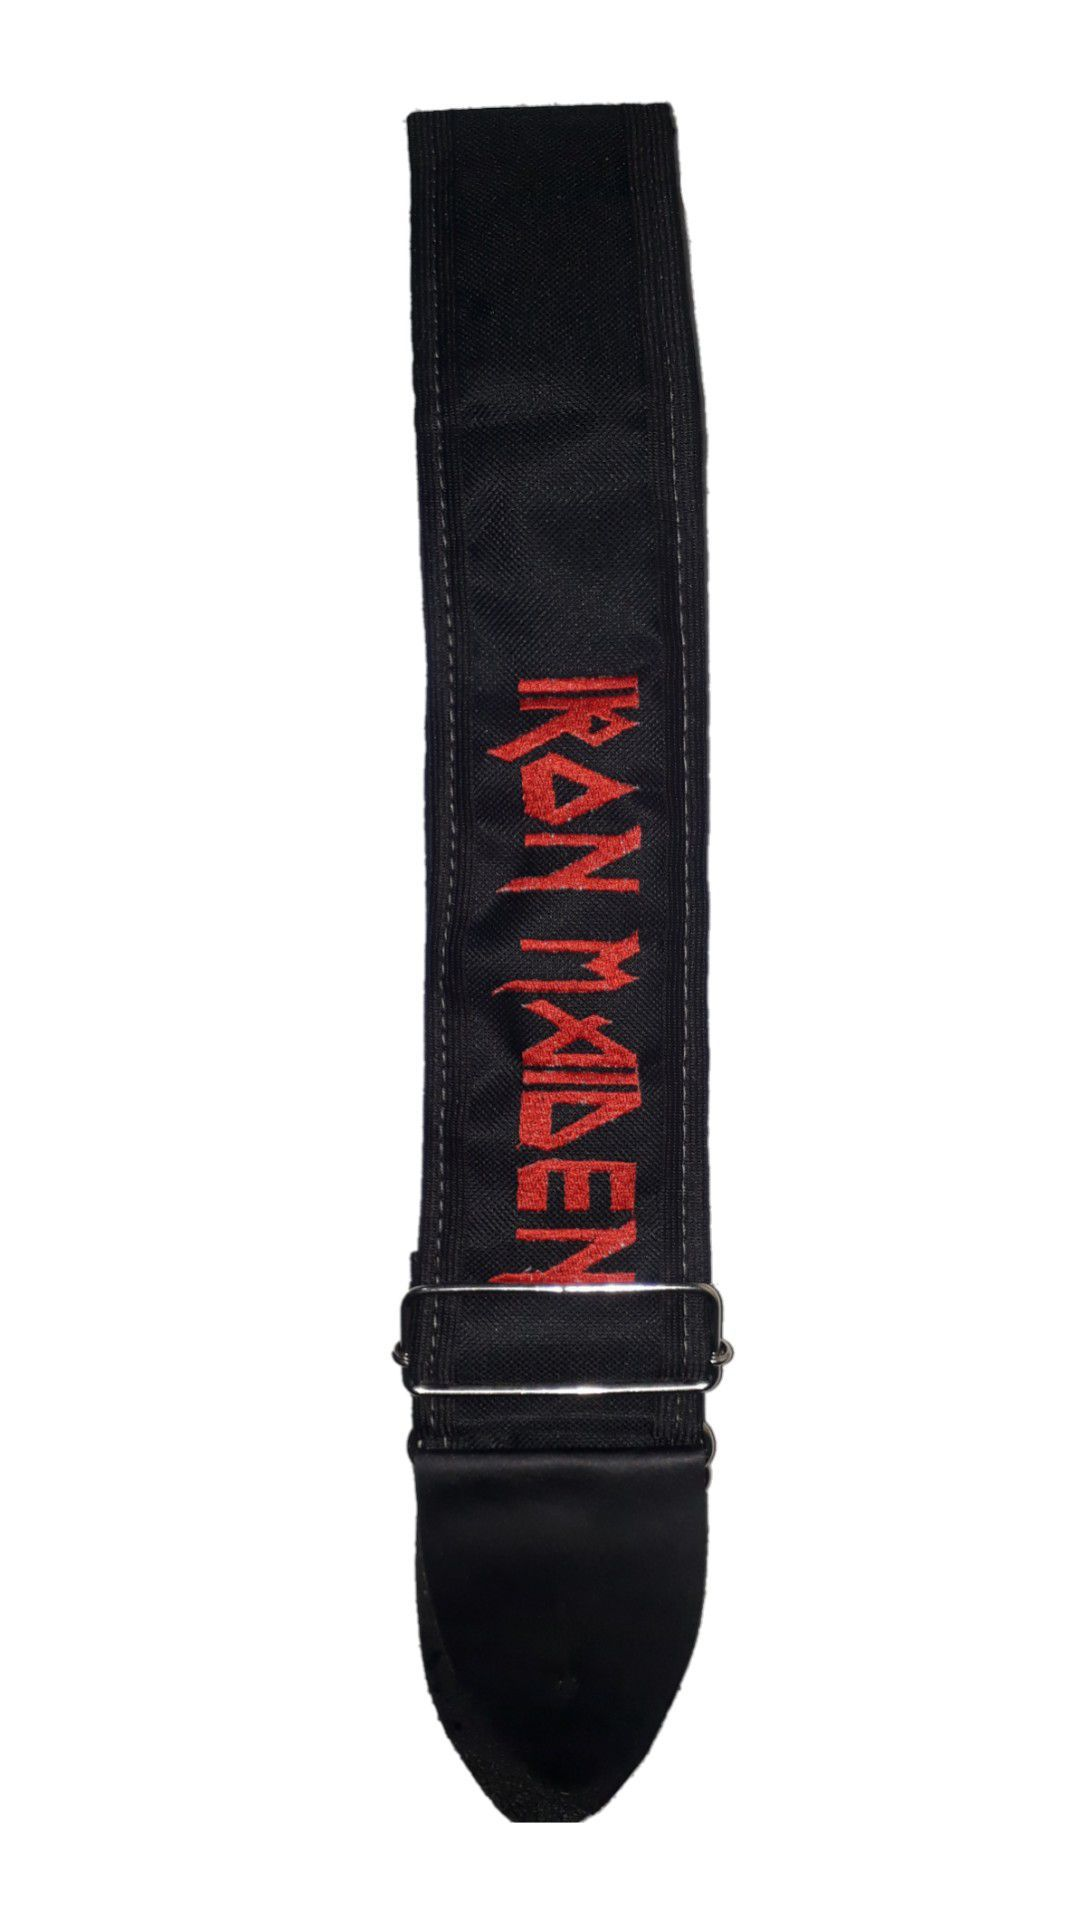 Correia Prado 7cm Nylon Iron Maiden